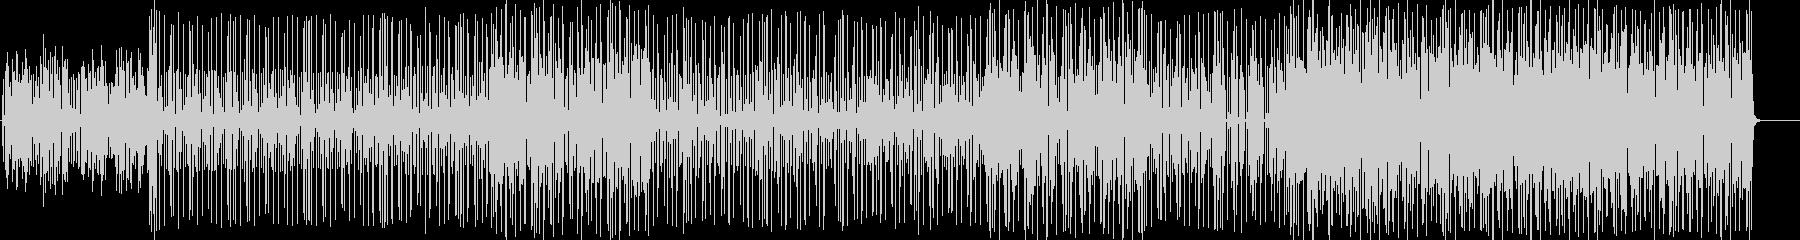 ファンキーなピアノのR&Bの未再生の波形